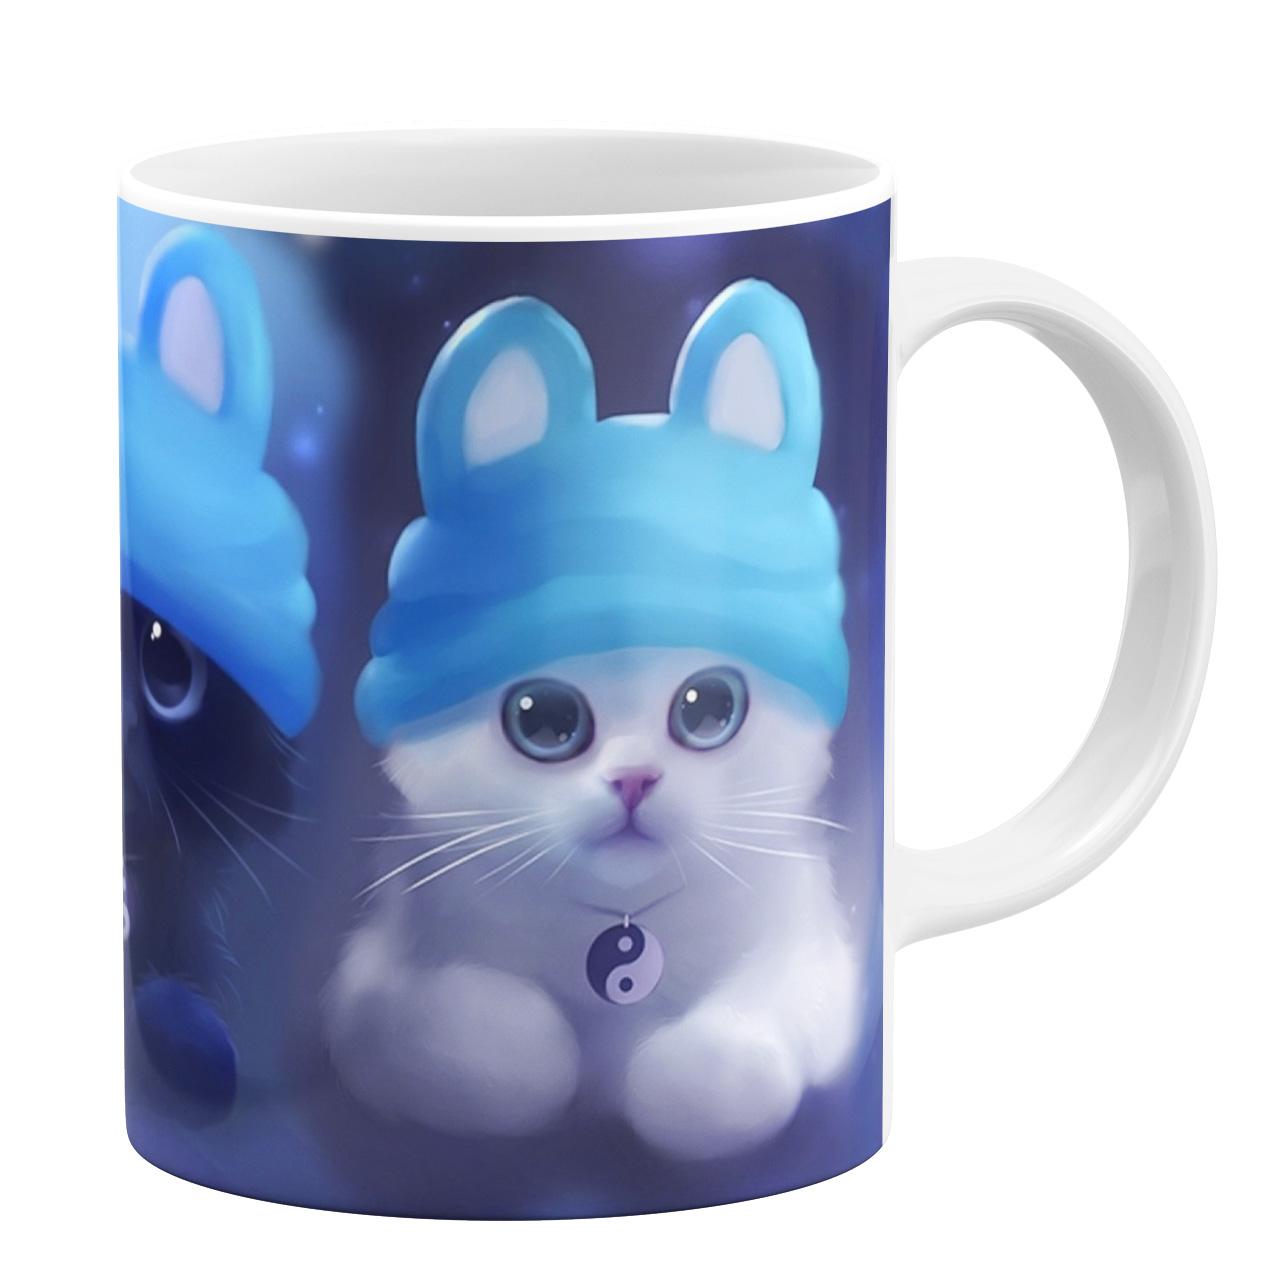 ماگ طرح بچه گربه ها کد 7585